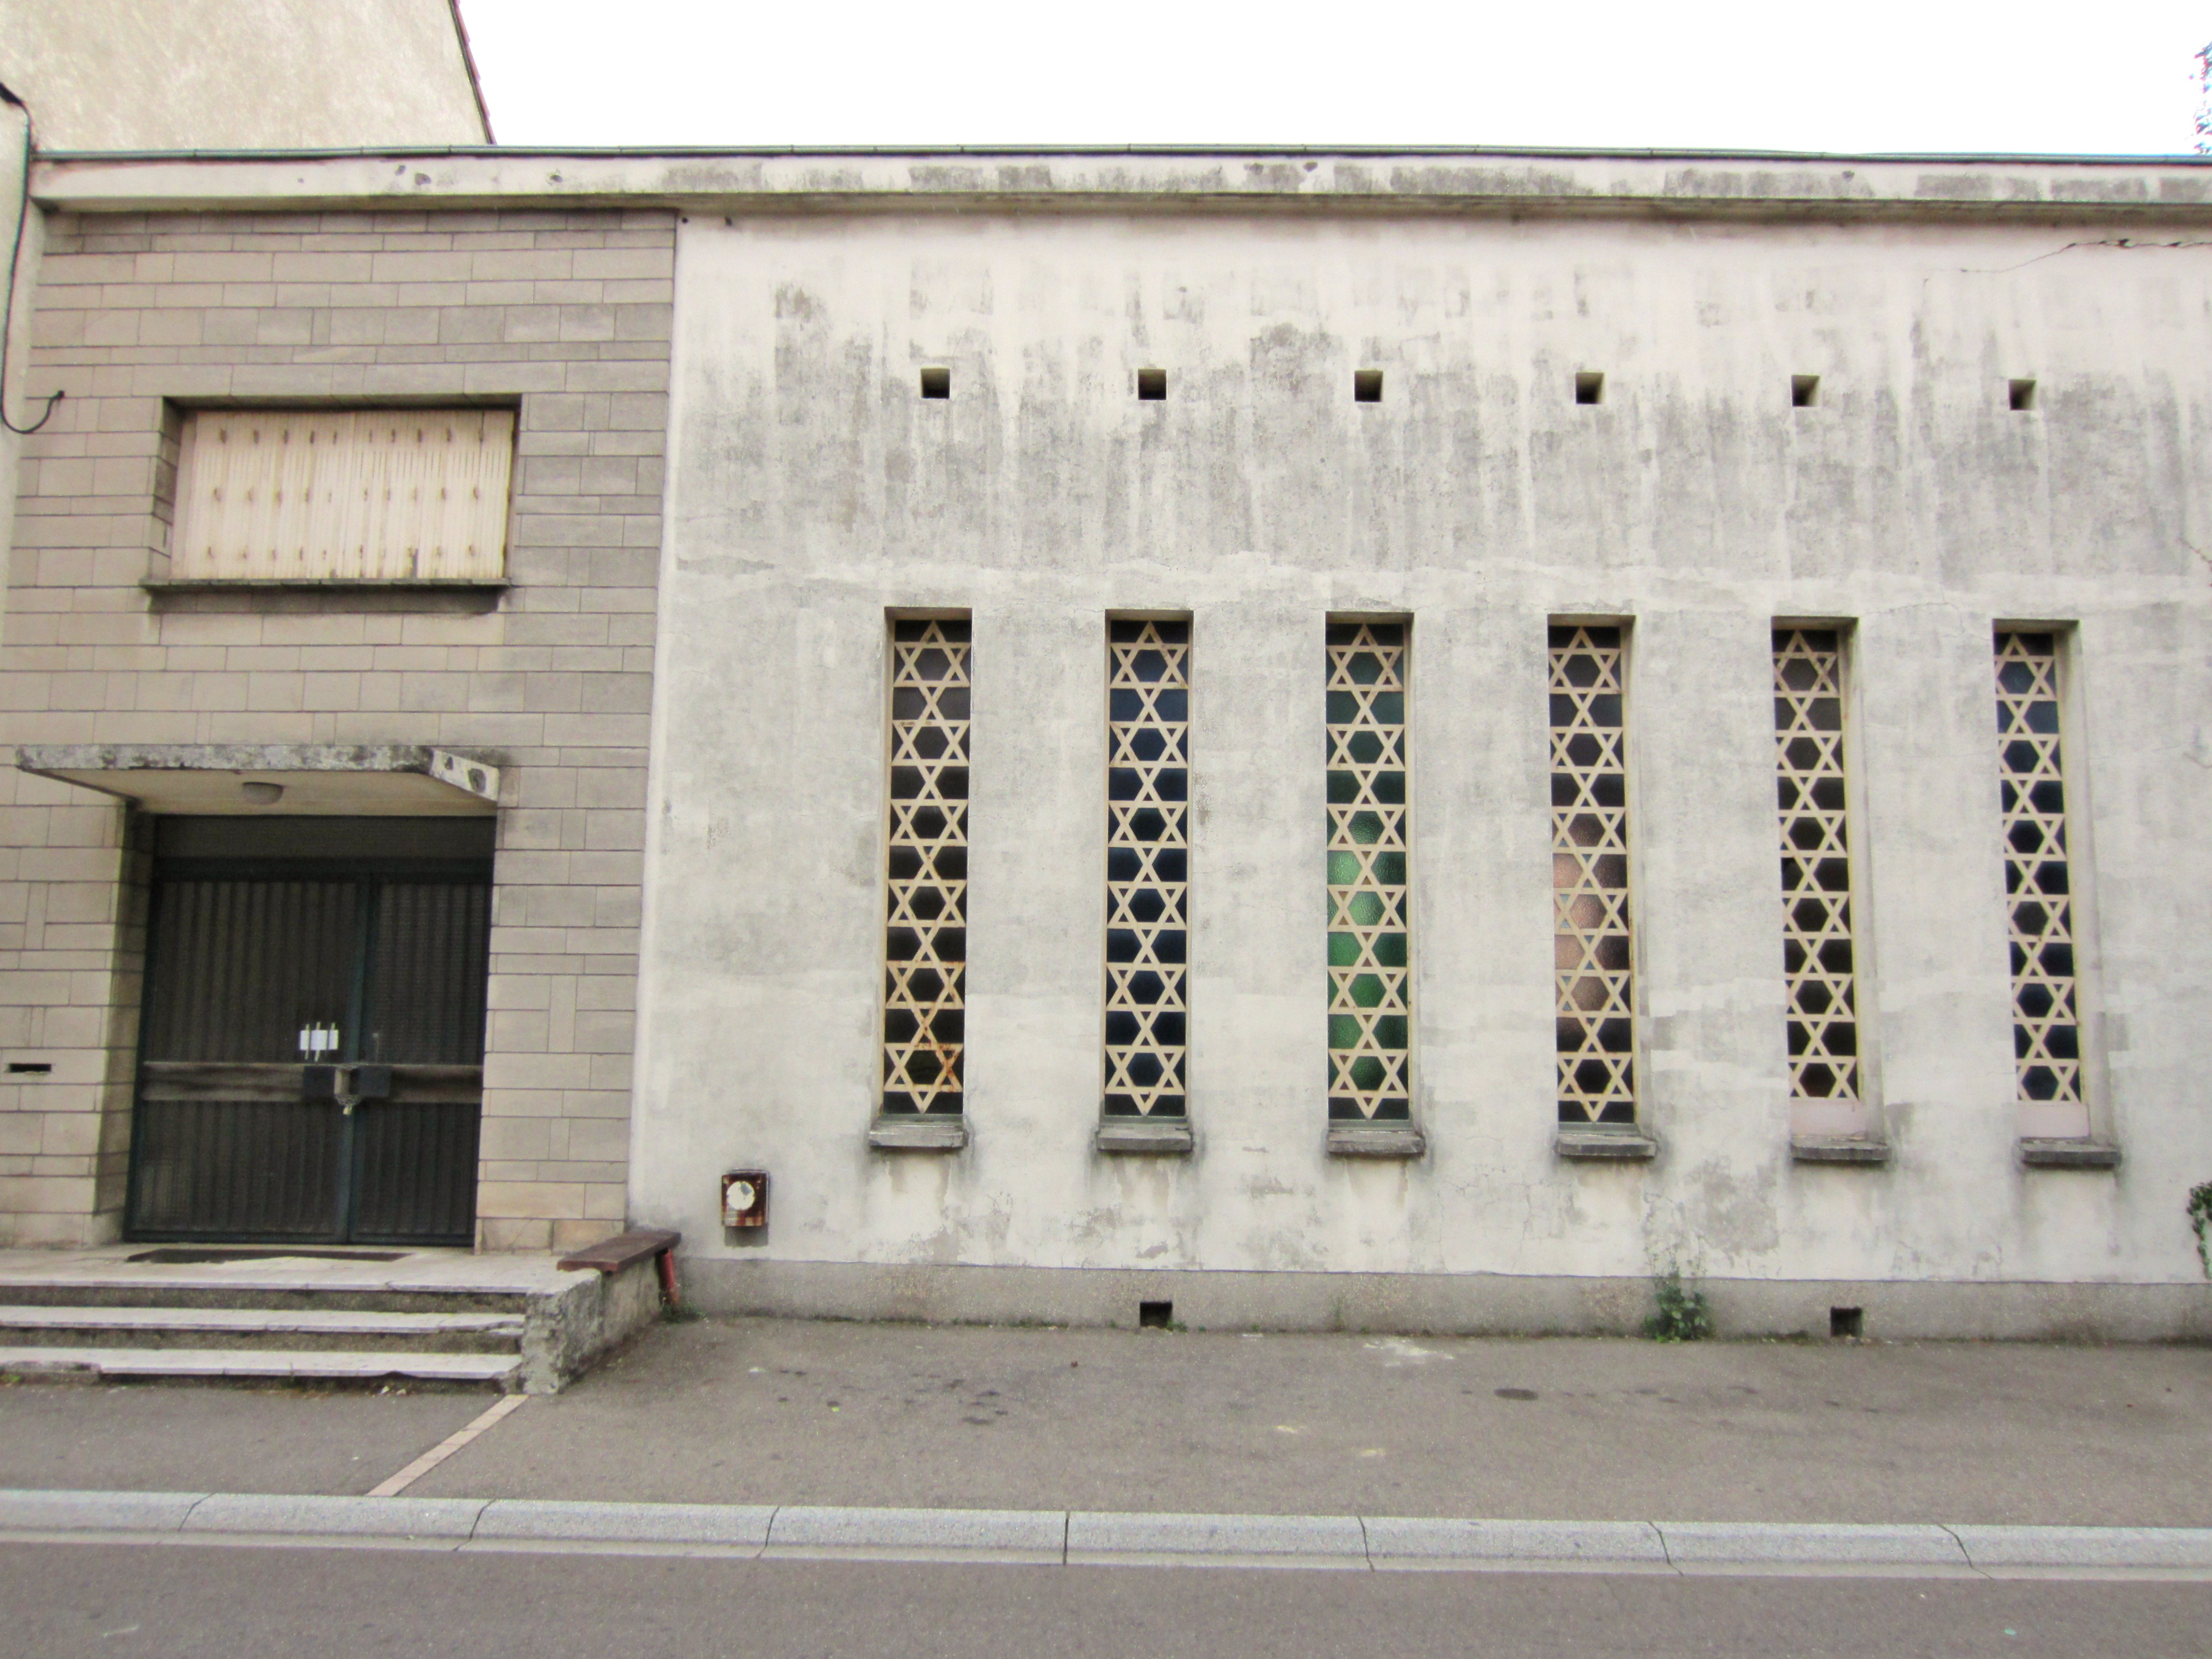 Bildergebnis für synagogue hagondange